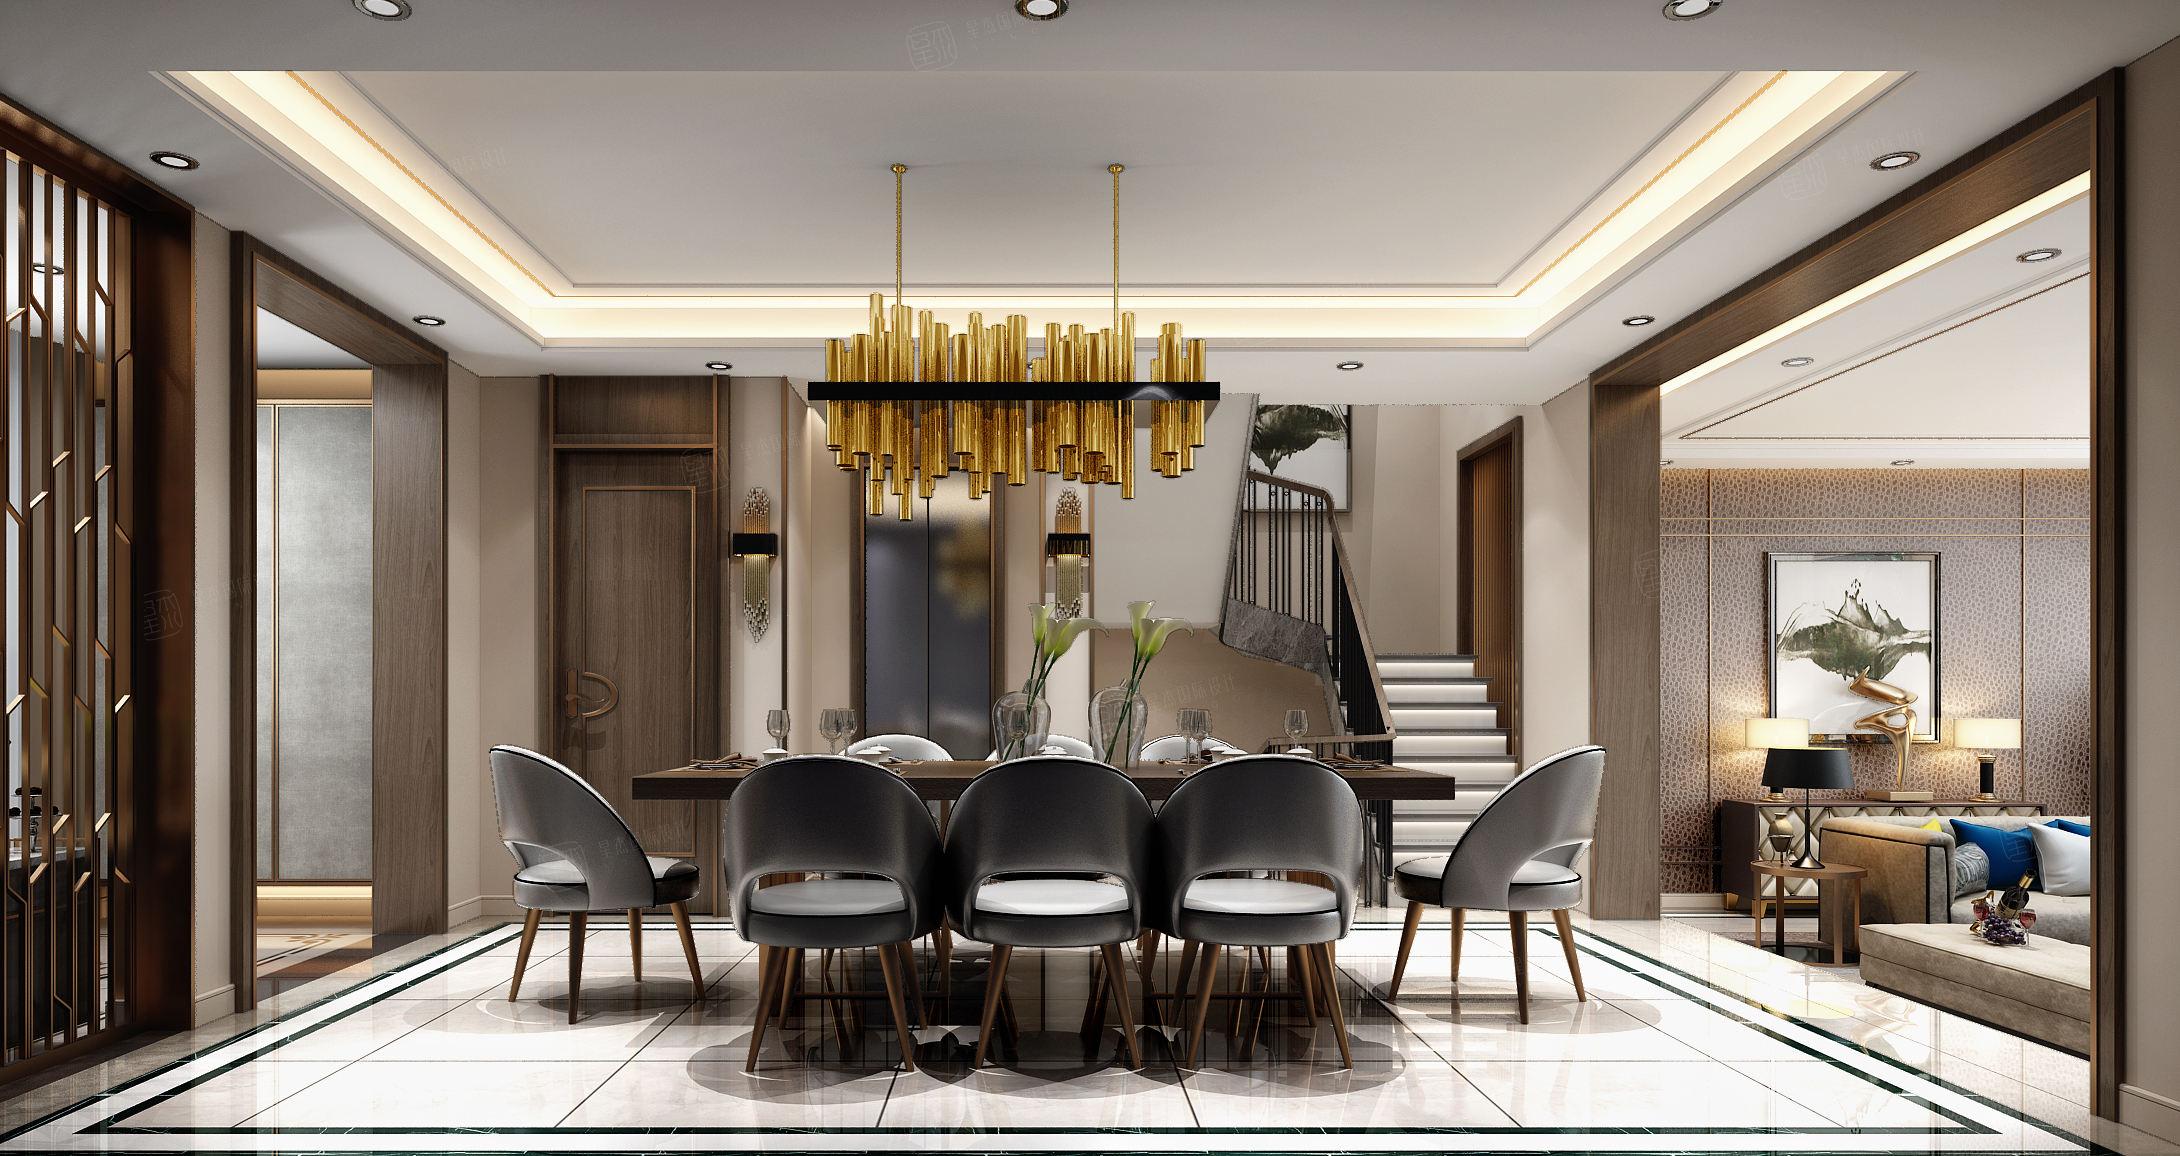 绿地香颂 现代港式装修餐厅效果图